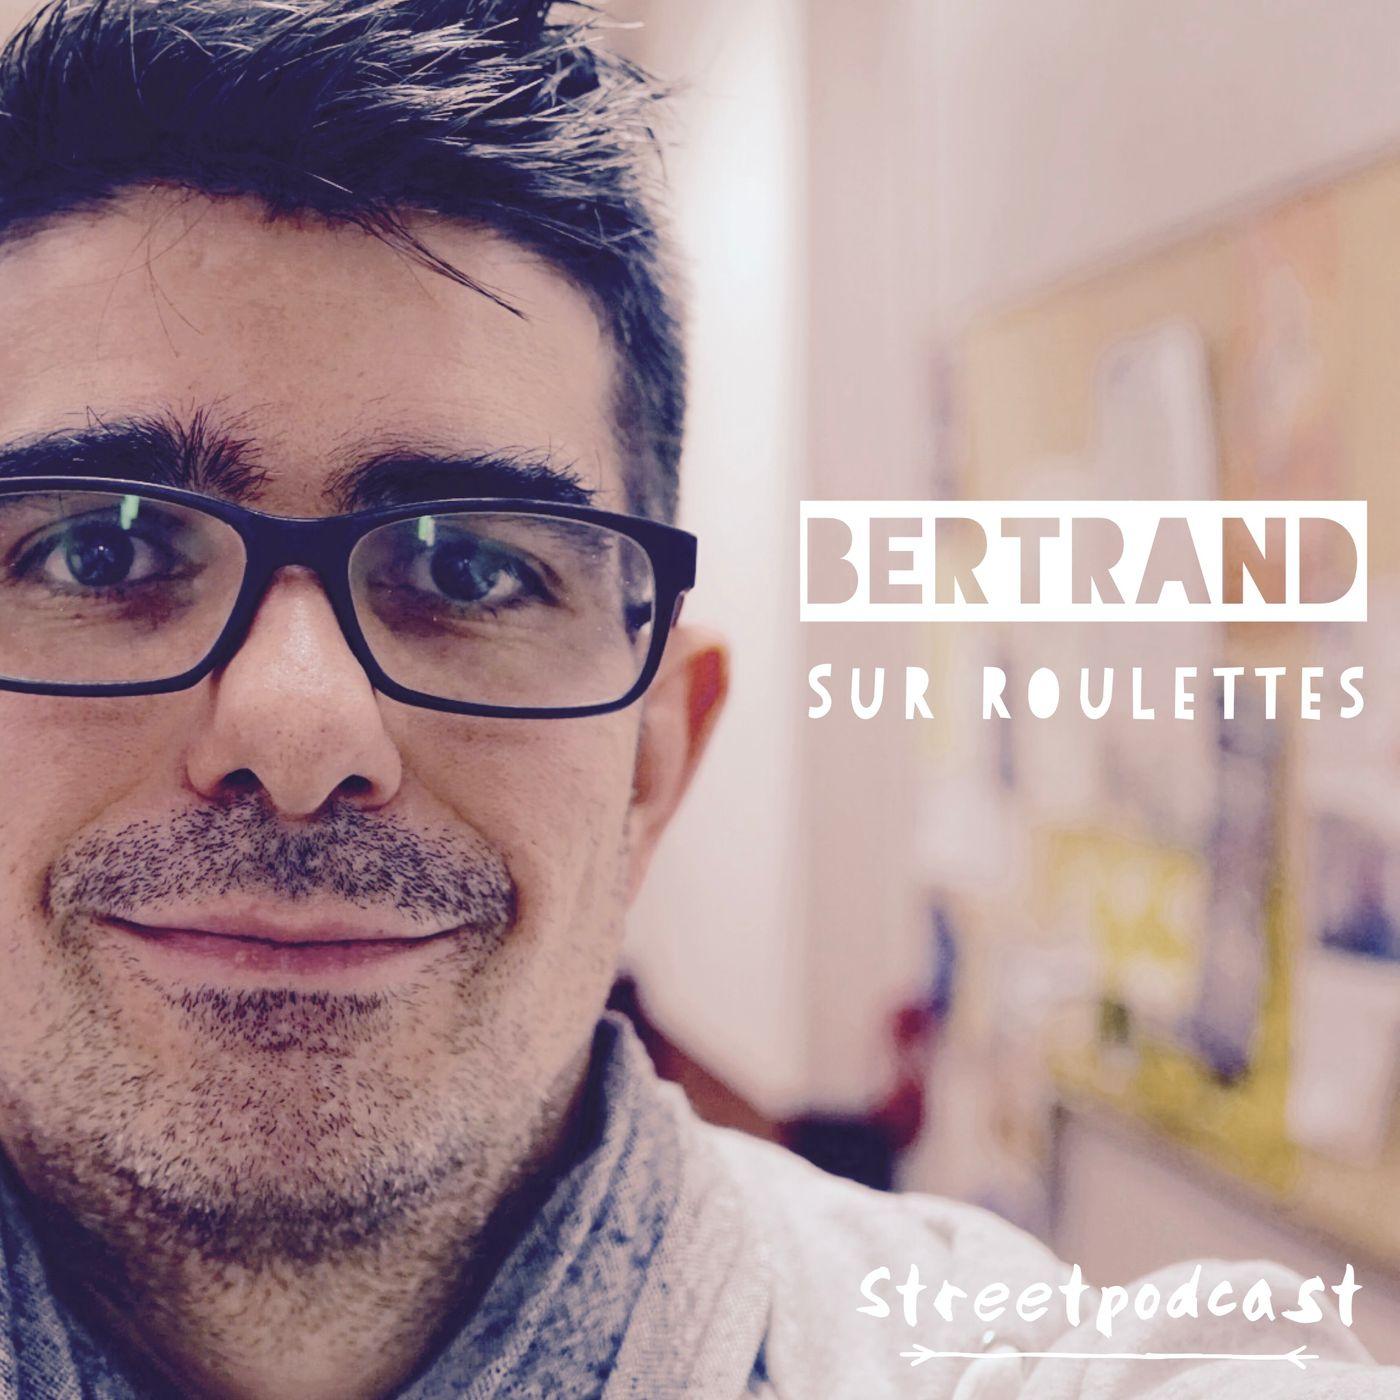 Bertrand sur roulettes streetcast